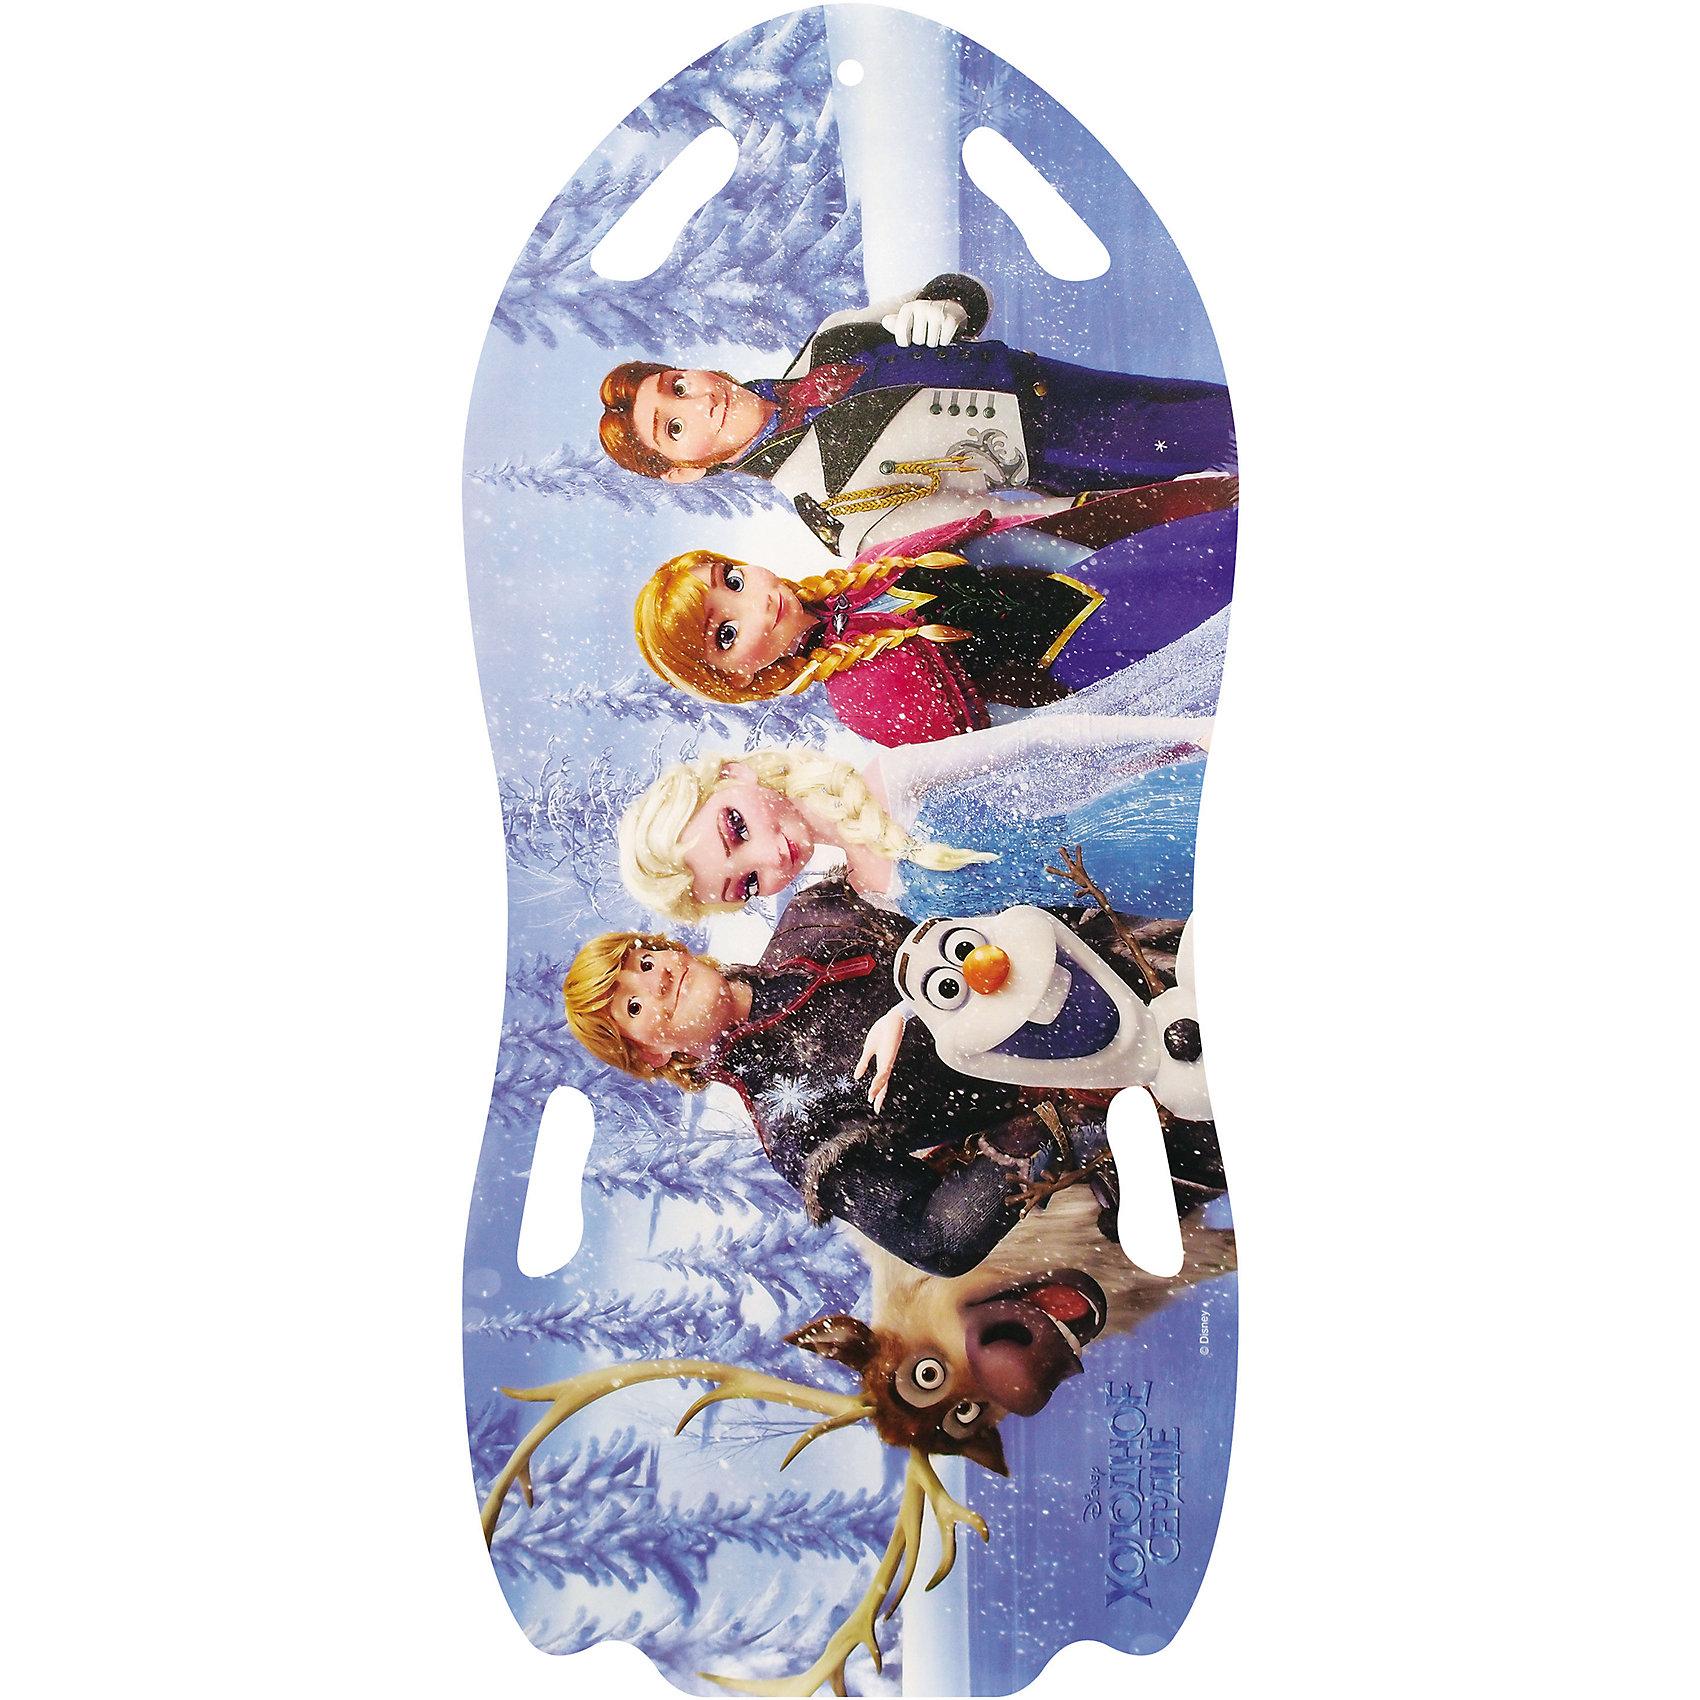 Disney Ледянка Холодное сердцедля двоих, 122см, унив., Disney заготовки под роспись disney набор для раскрашивания рюкзака холодное сердце